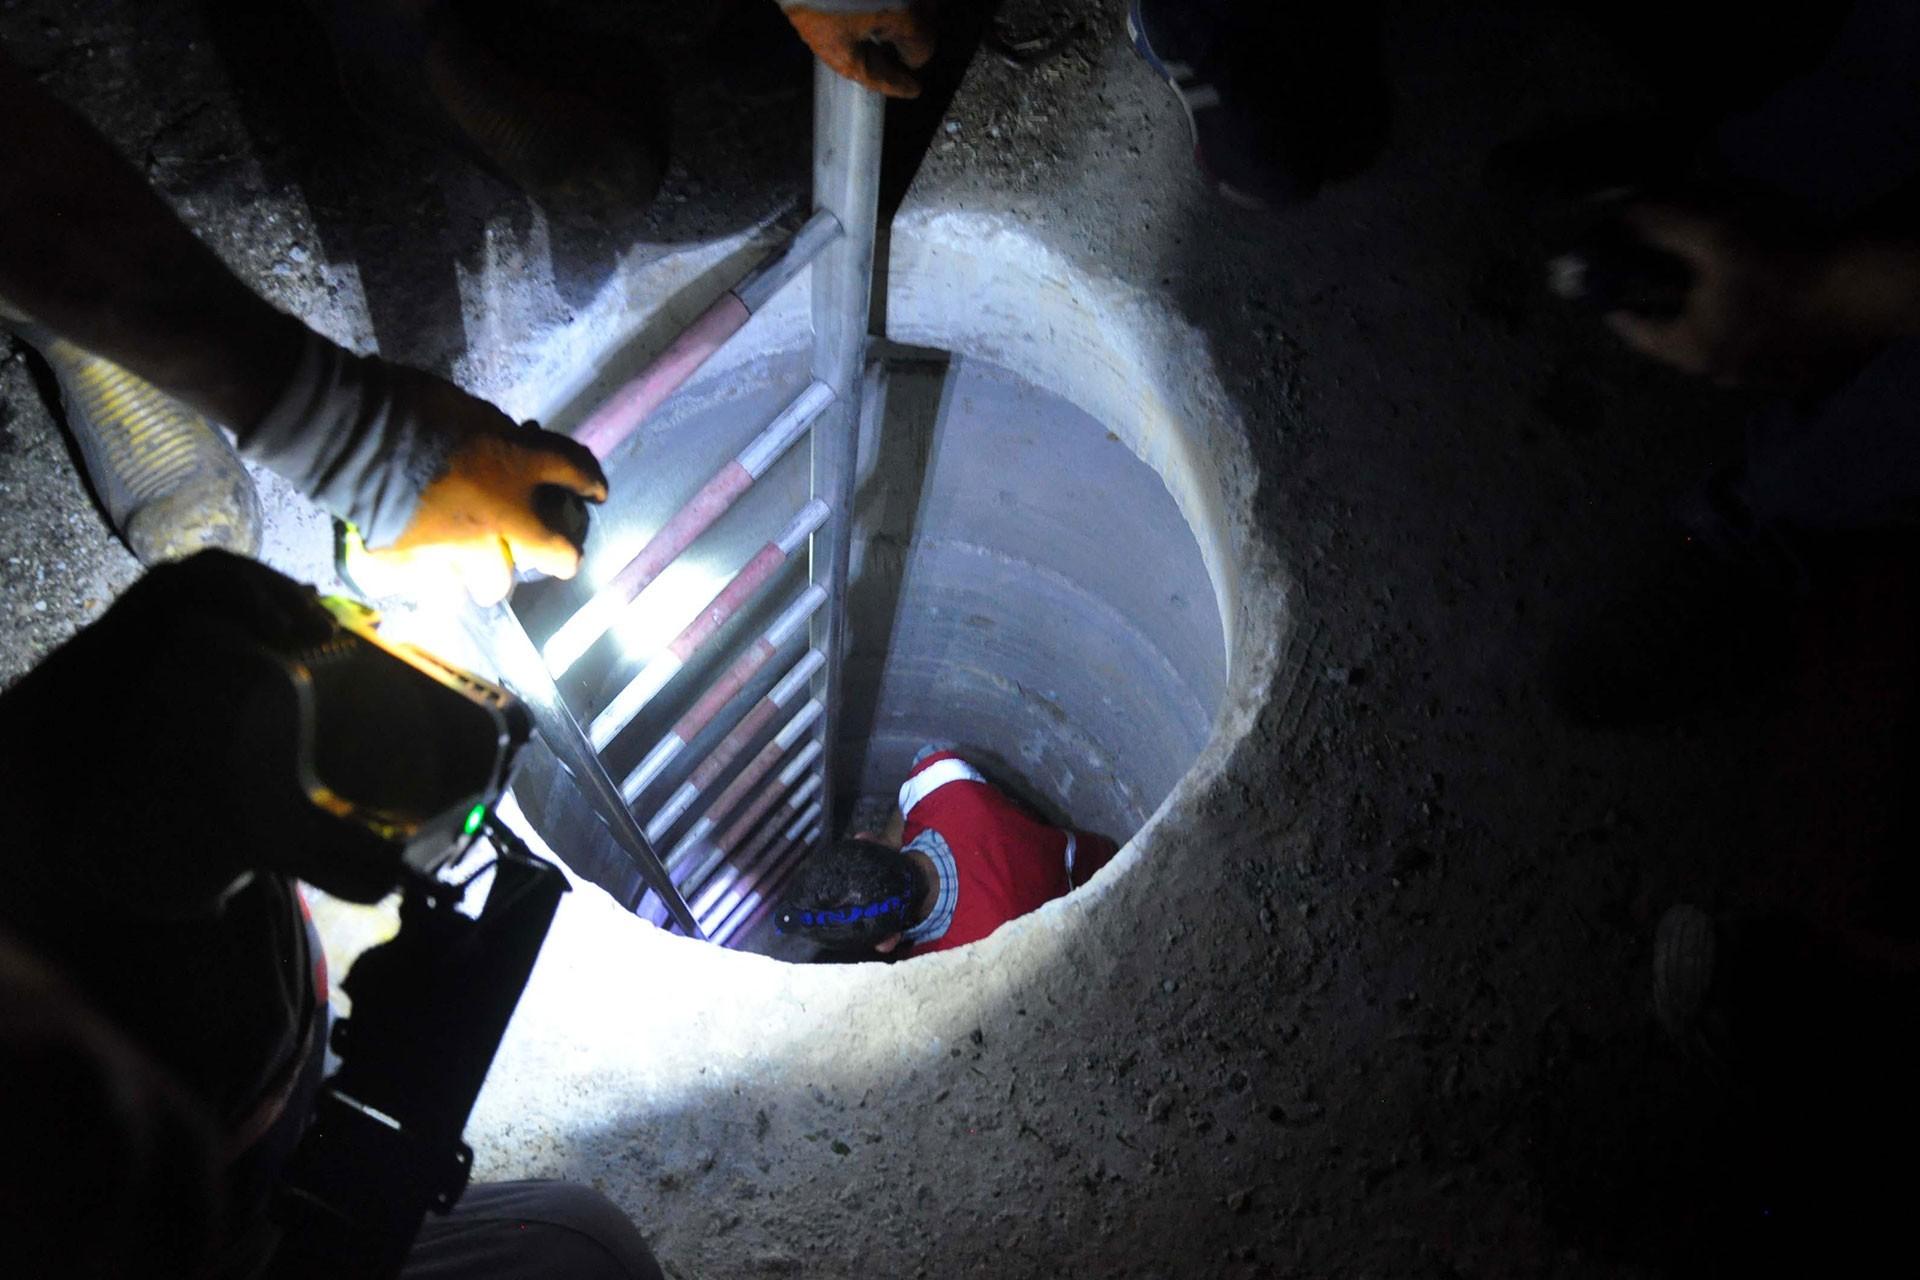 Üstü açık kanalizasyon çukuruna düşen 6 yaşındaki çocuk ölü bulundu